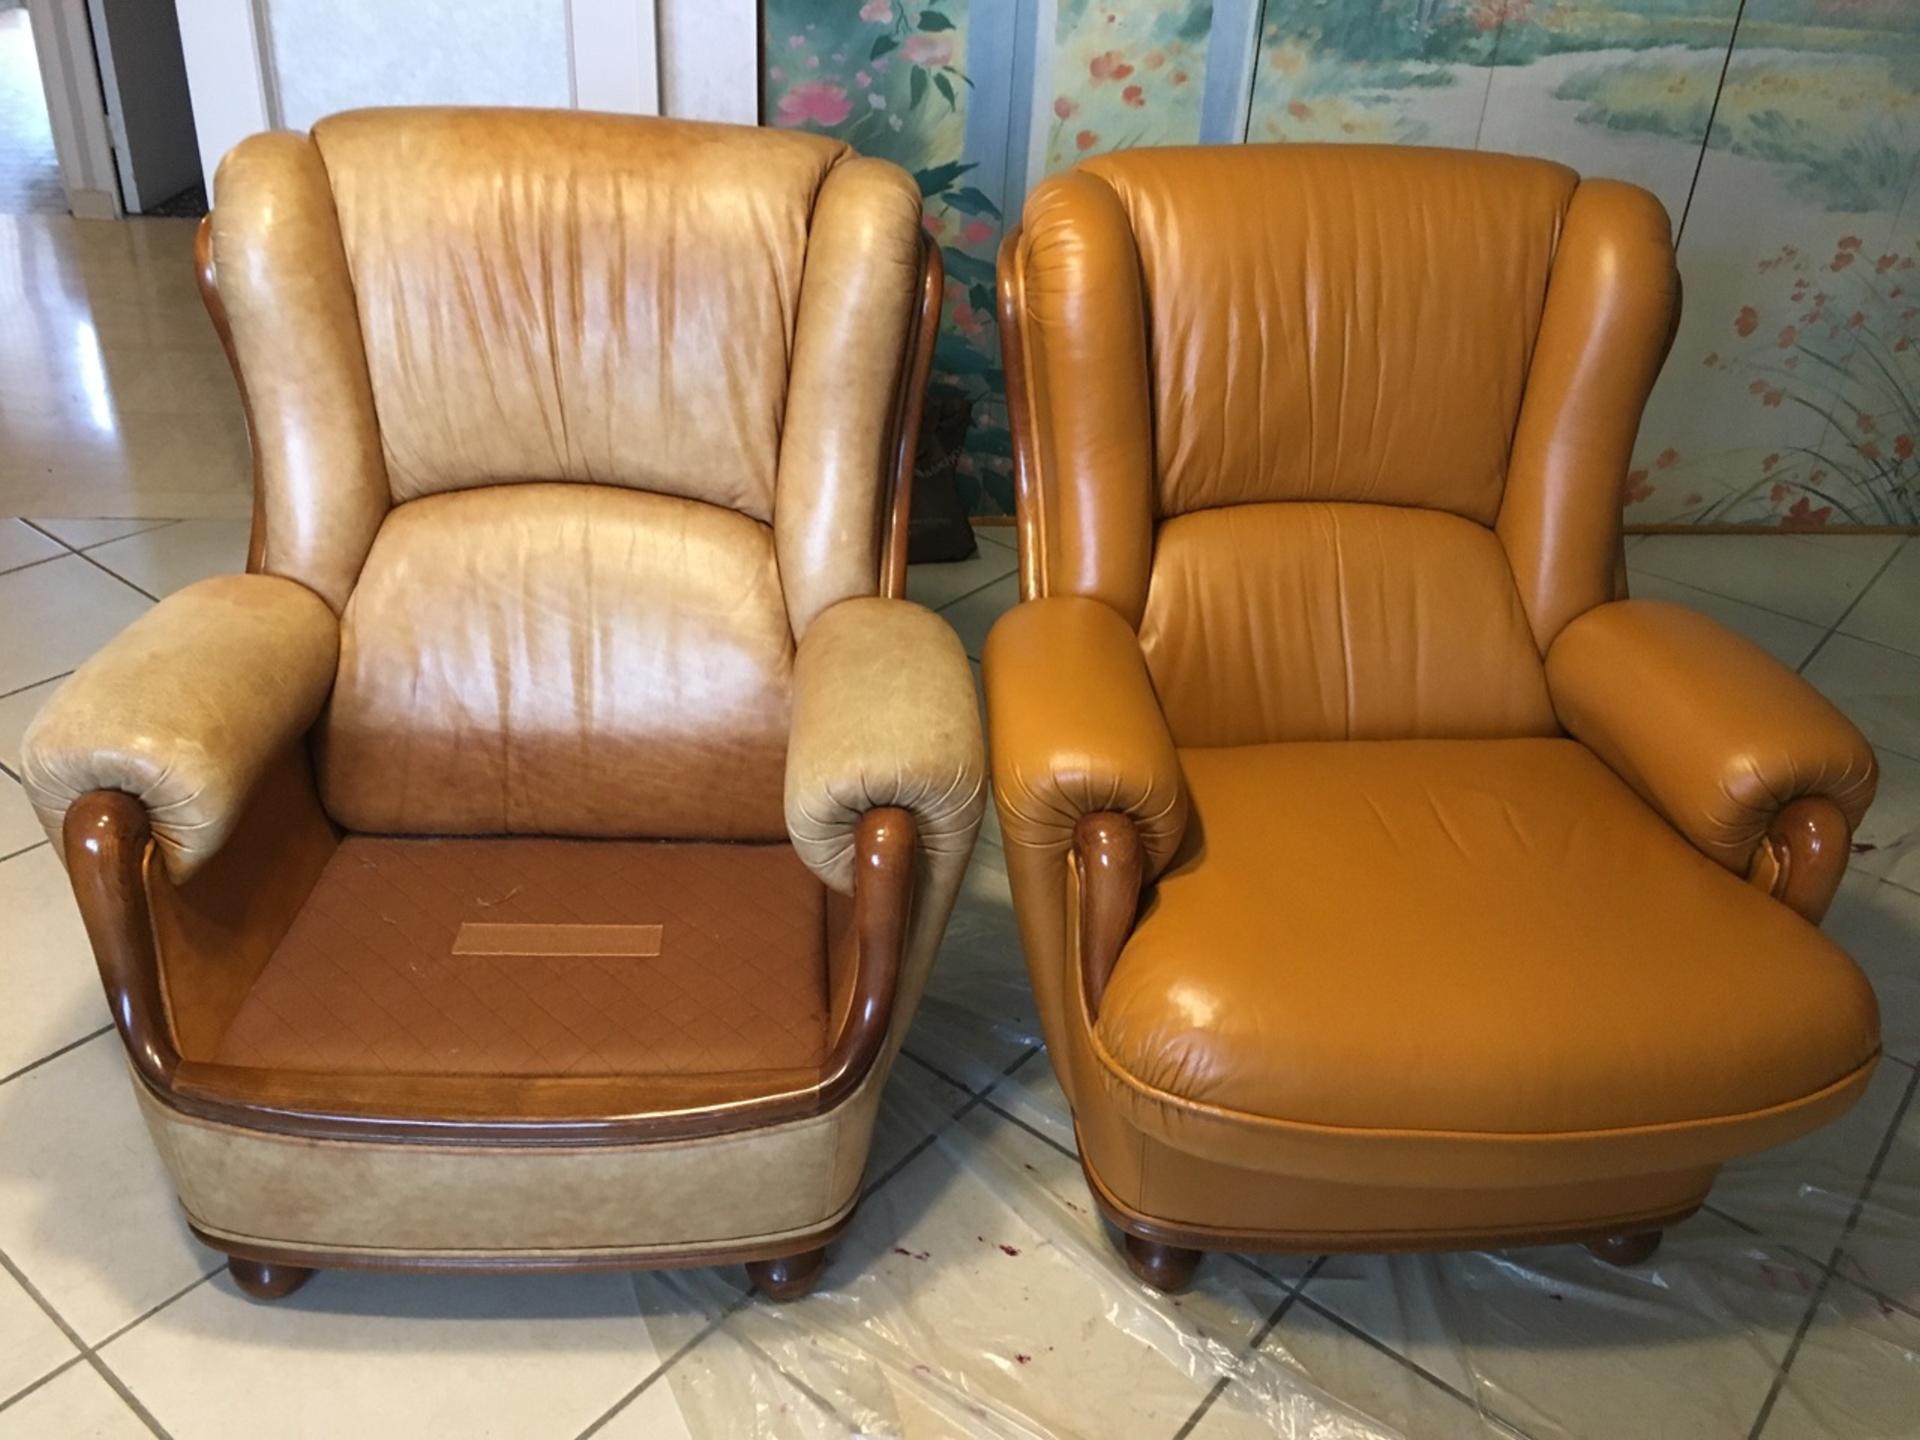 Sos canap fauteuil changement de couleur for Reparation canape cuir griffe chat